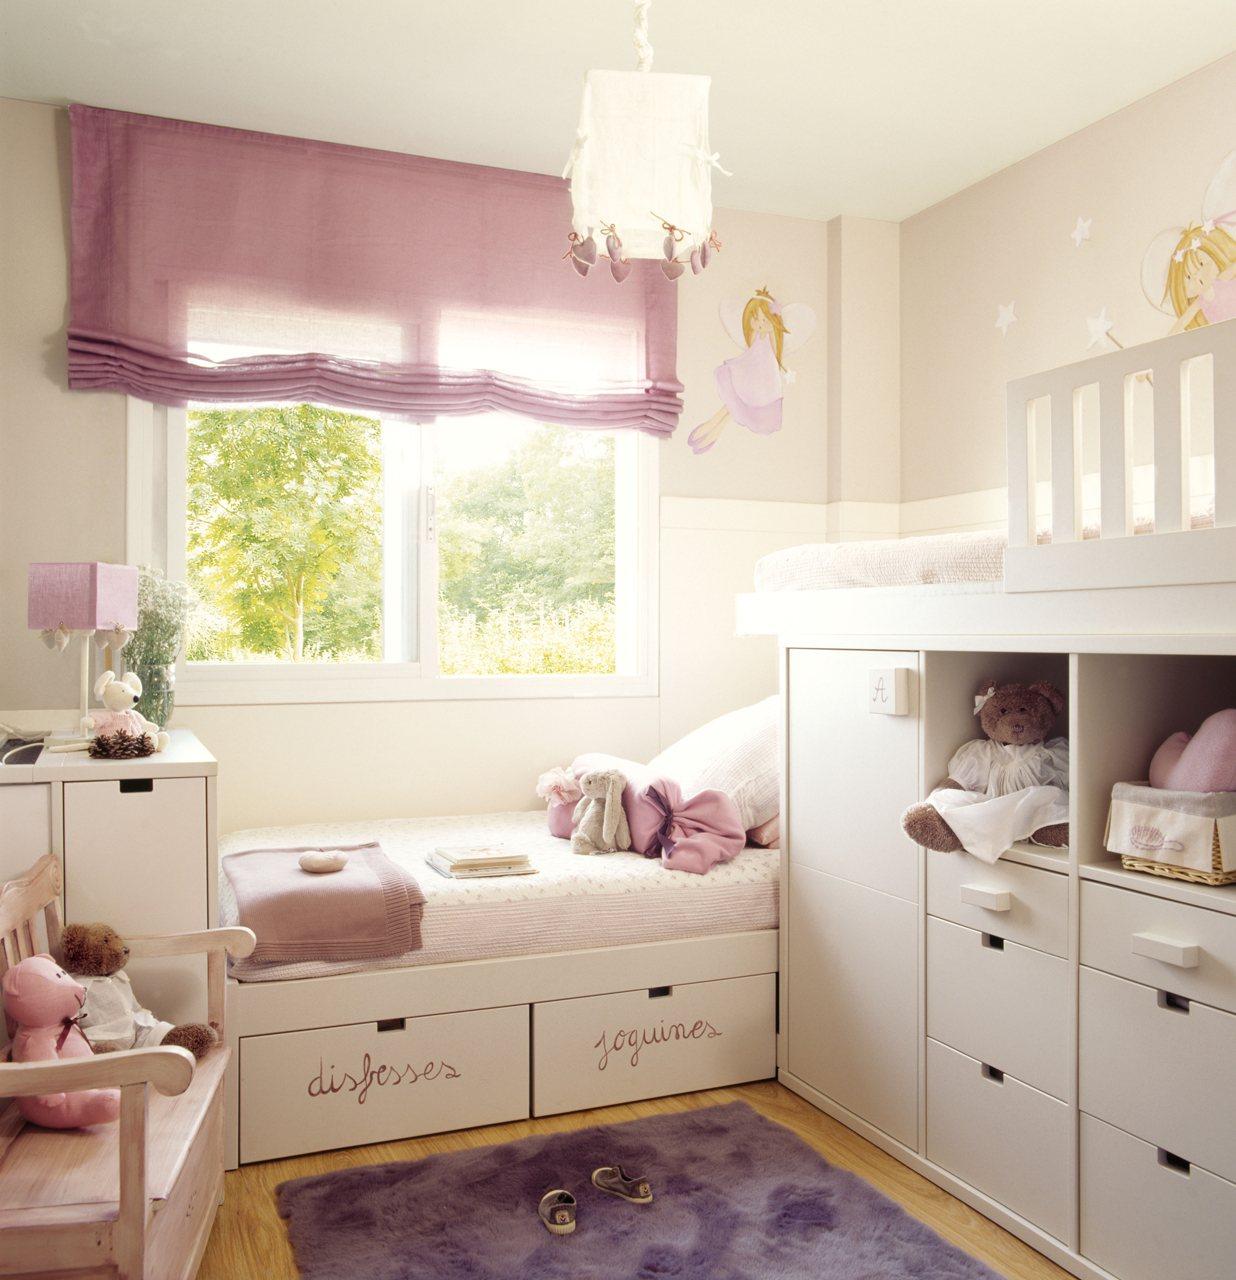 Dormitorios Infantiles Pequenos Sacales Partido - Camas-dobles-infantiles-para-espacios-reducidos